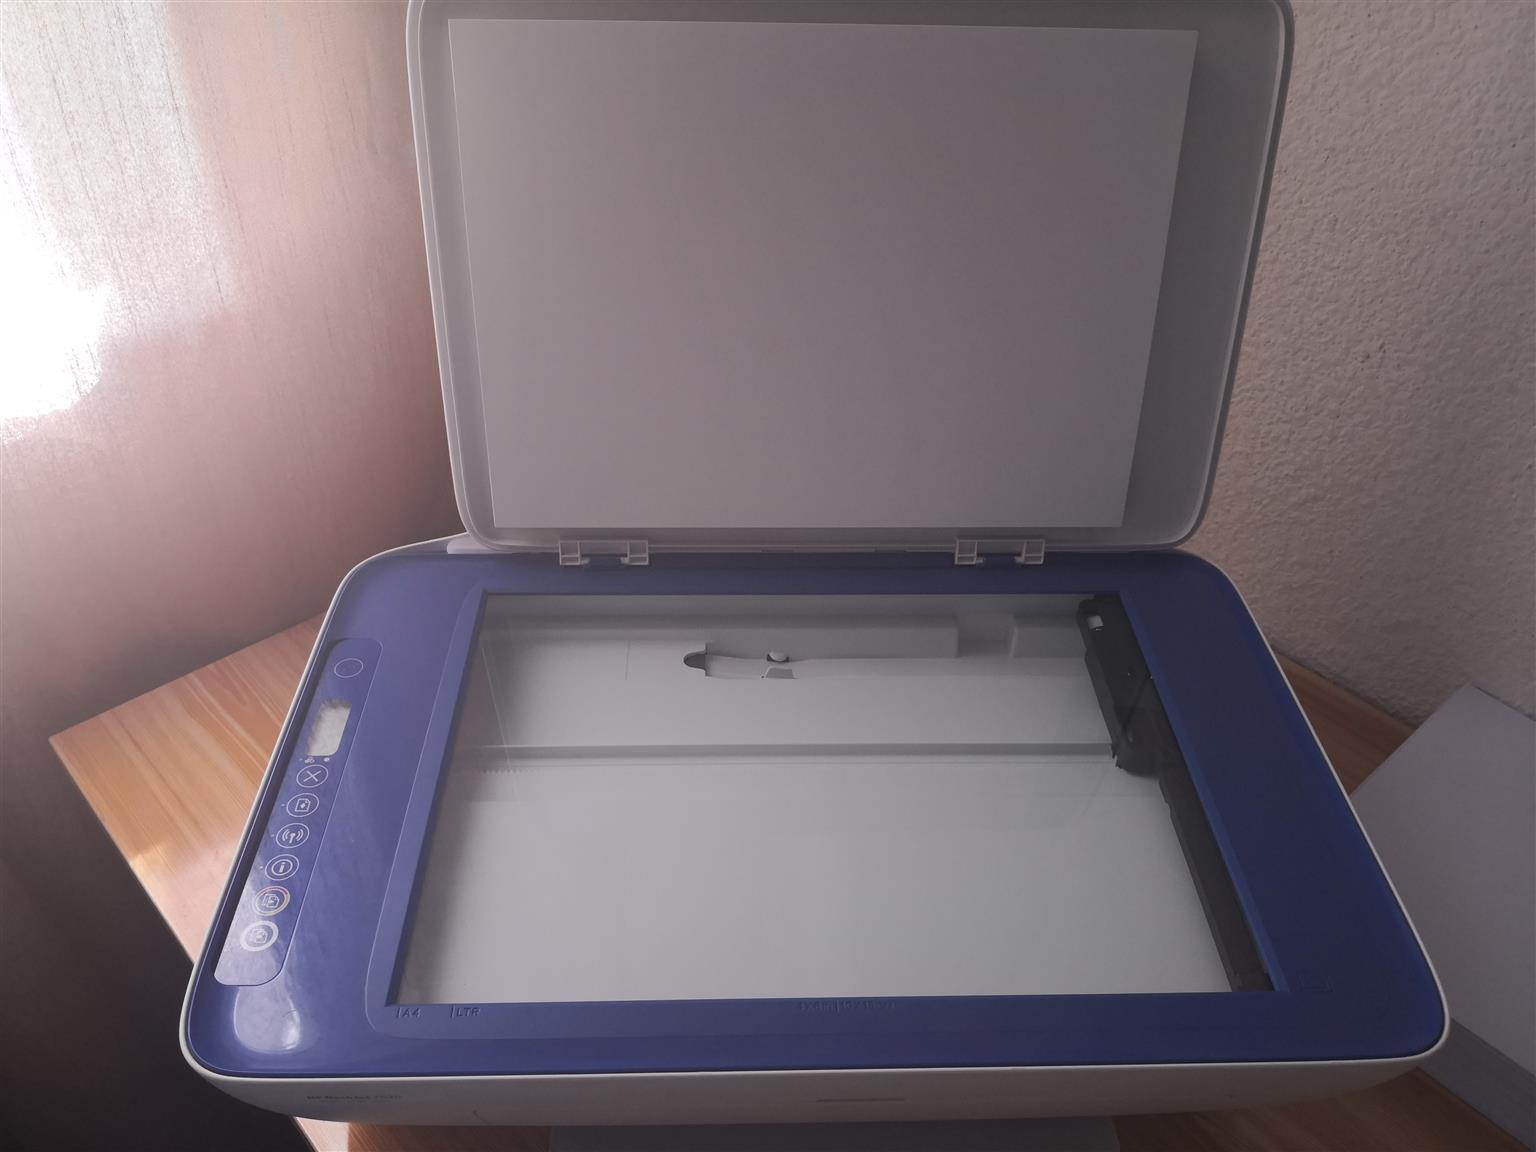 HP Deskjet 2630 3in1 printer